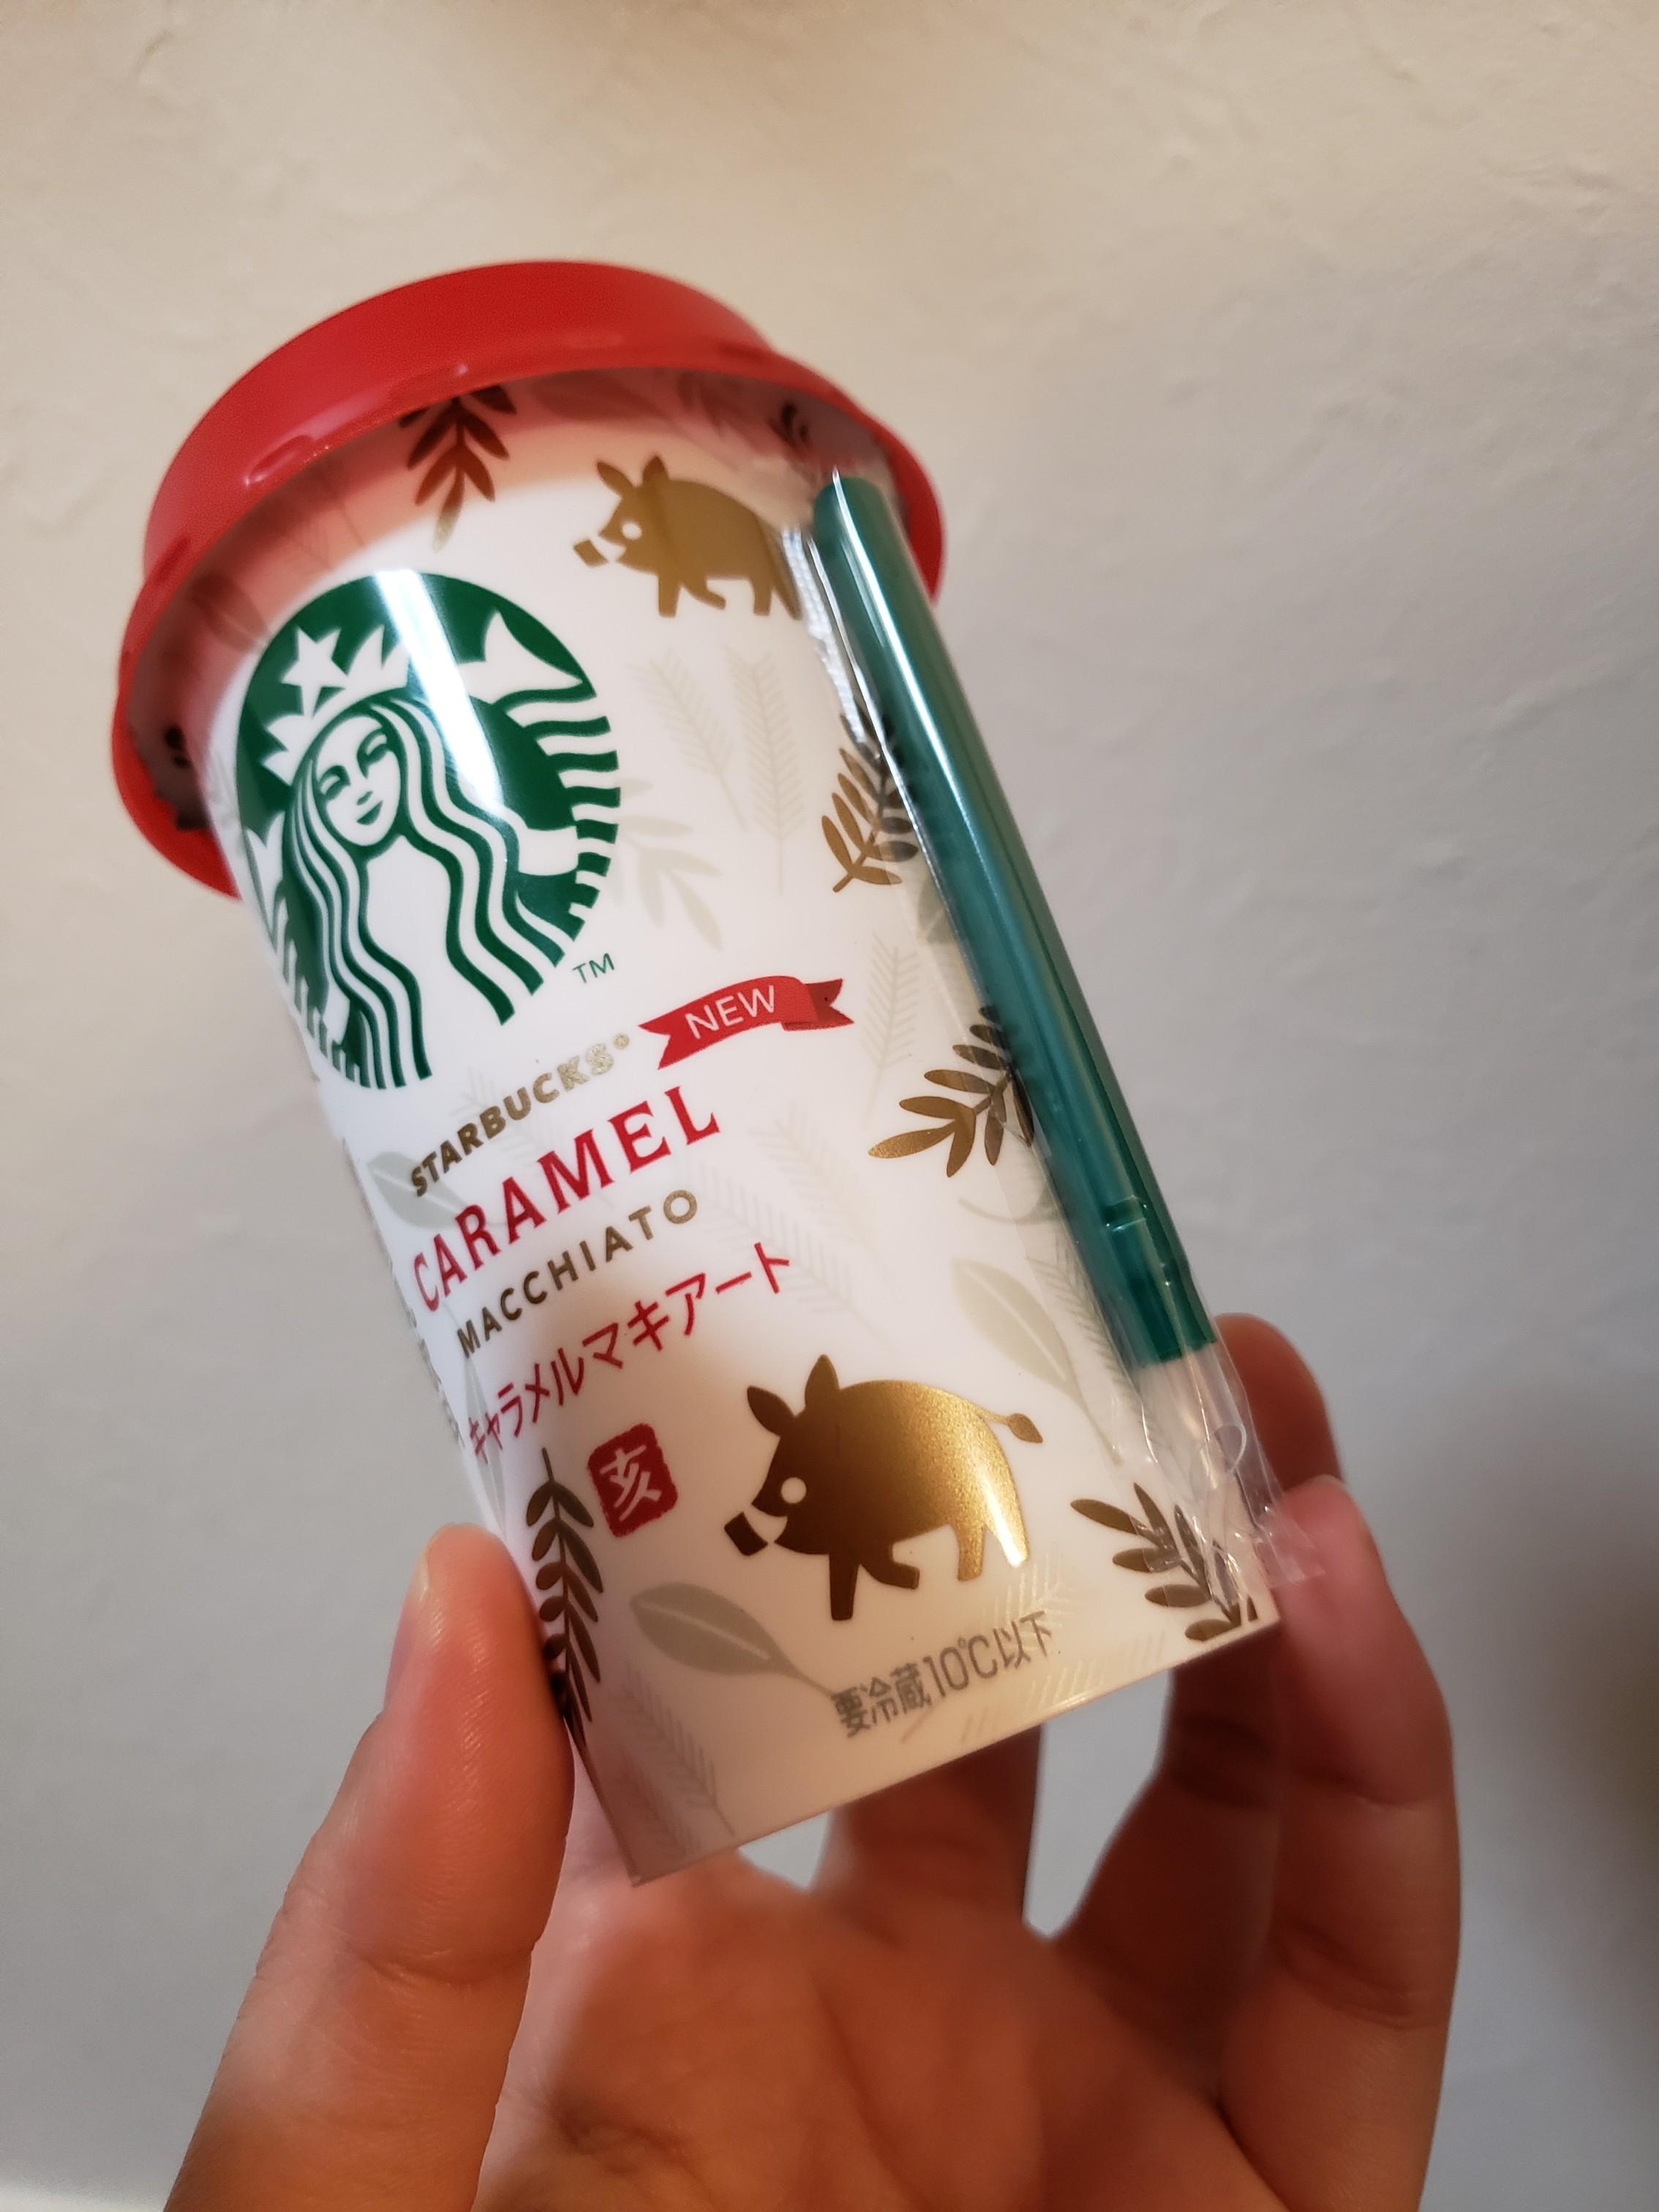 【スタバ】今週発売!ゴマゴマゴマラテとスーパー・コンビニ限定キャラメルマキアート_3